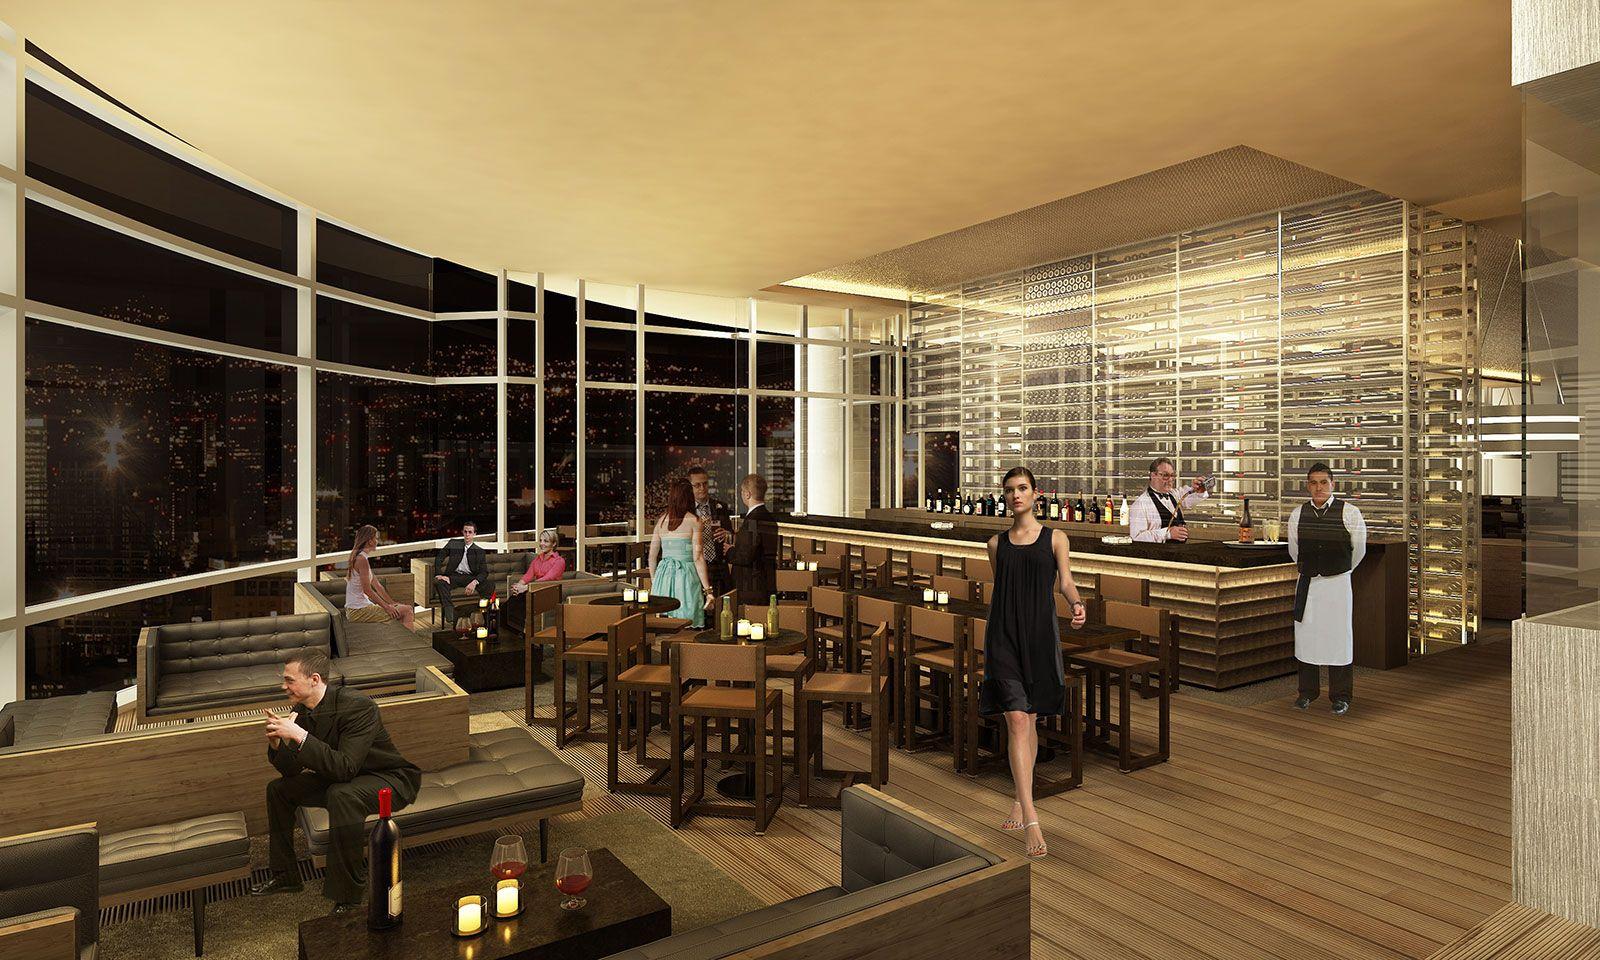 Restaurant exterior architecture - Culinary Restaurant For Simon Hamui Vertexstudio Render Rendering Render_contest Architecture